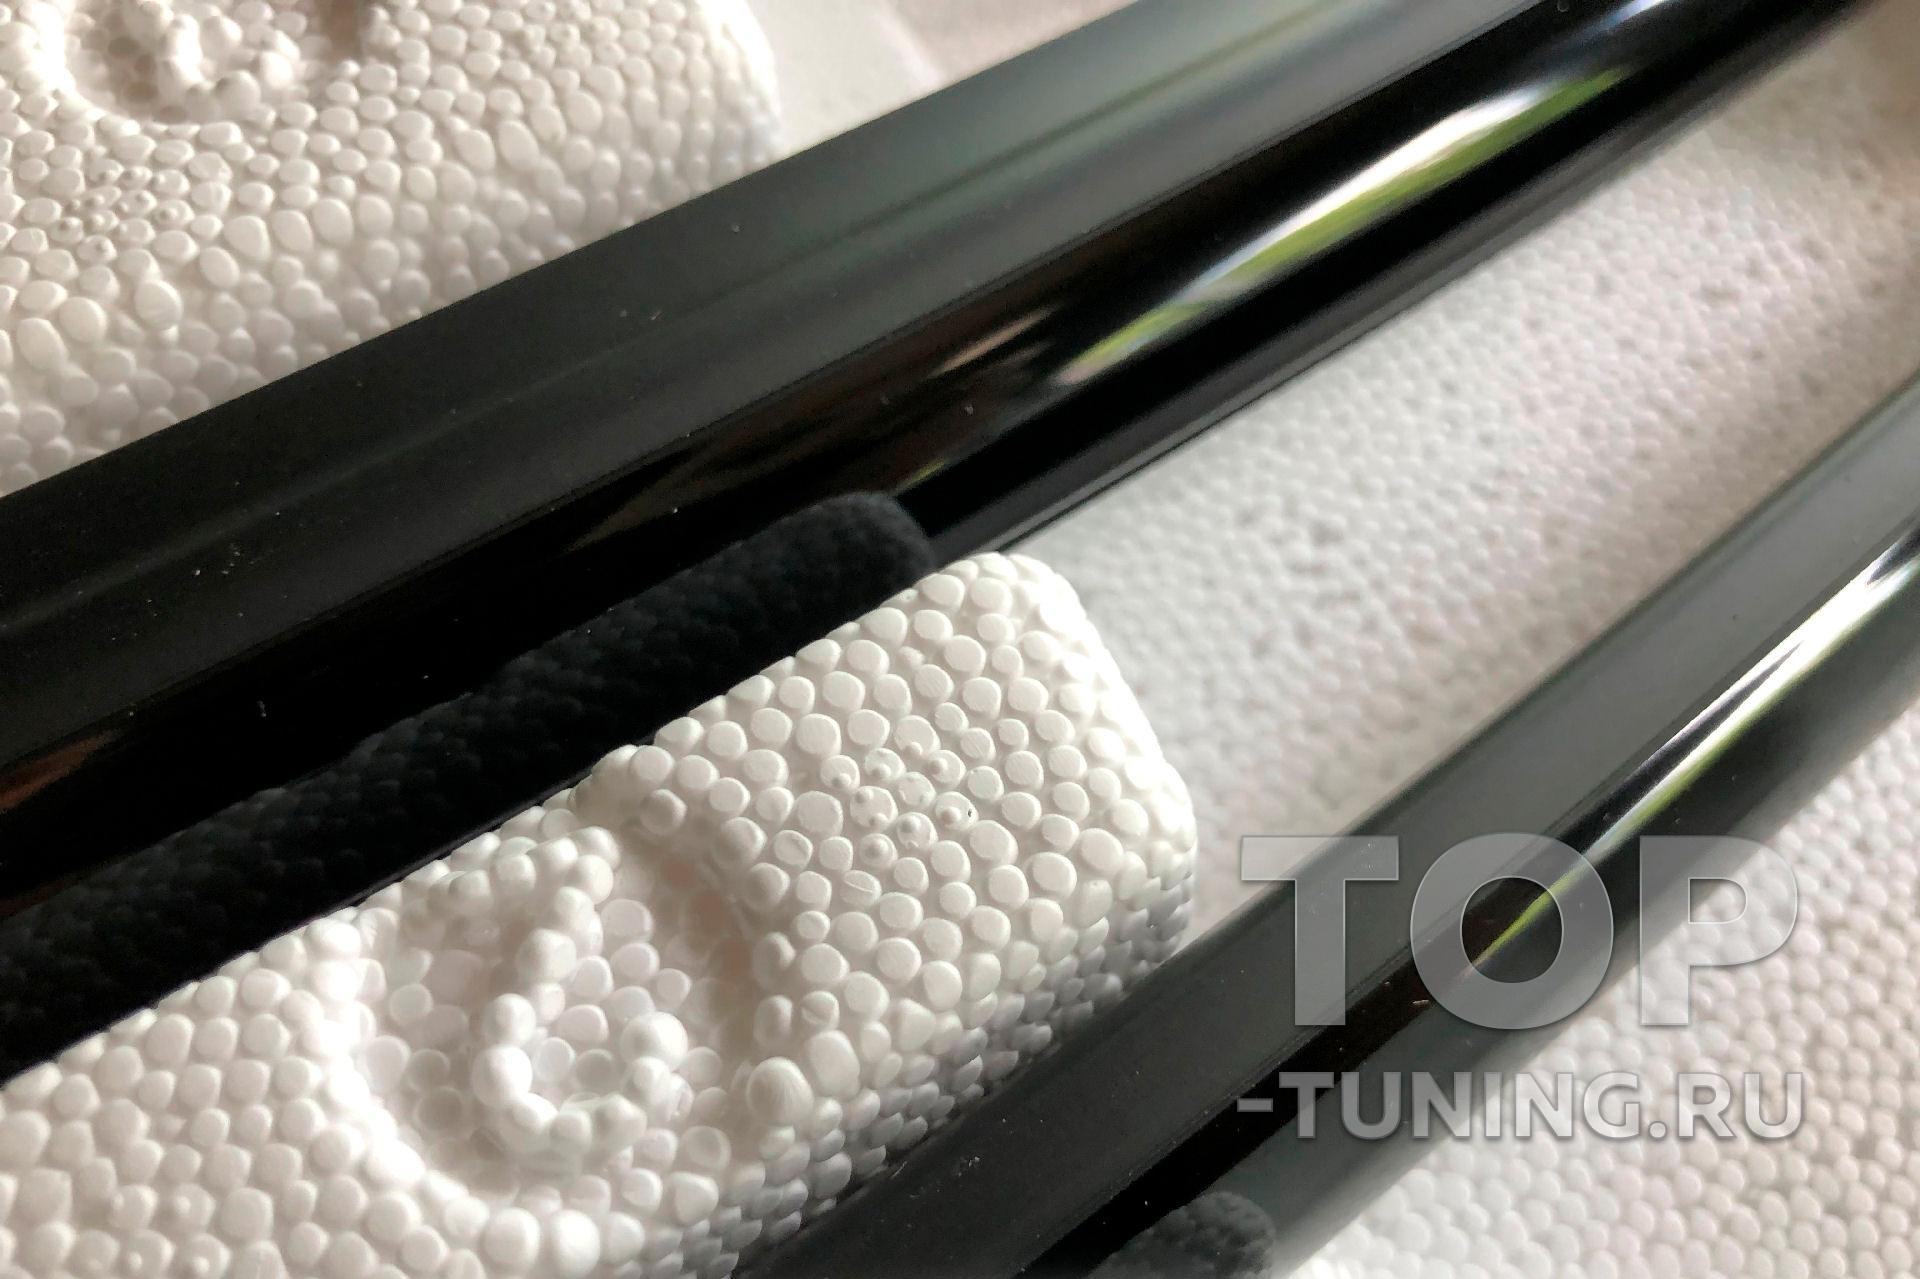 Оригинальные молдинги Piano Black для MINI Cooper F56 (2013+)